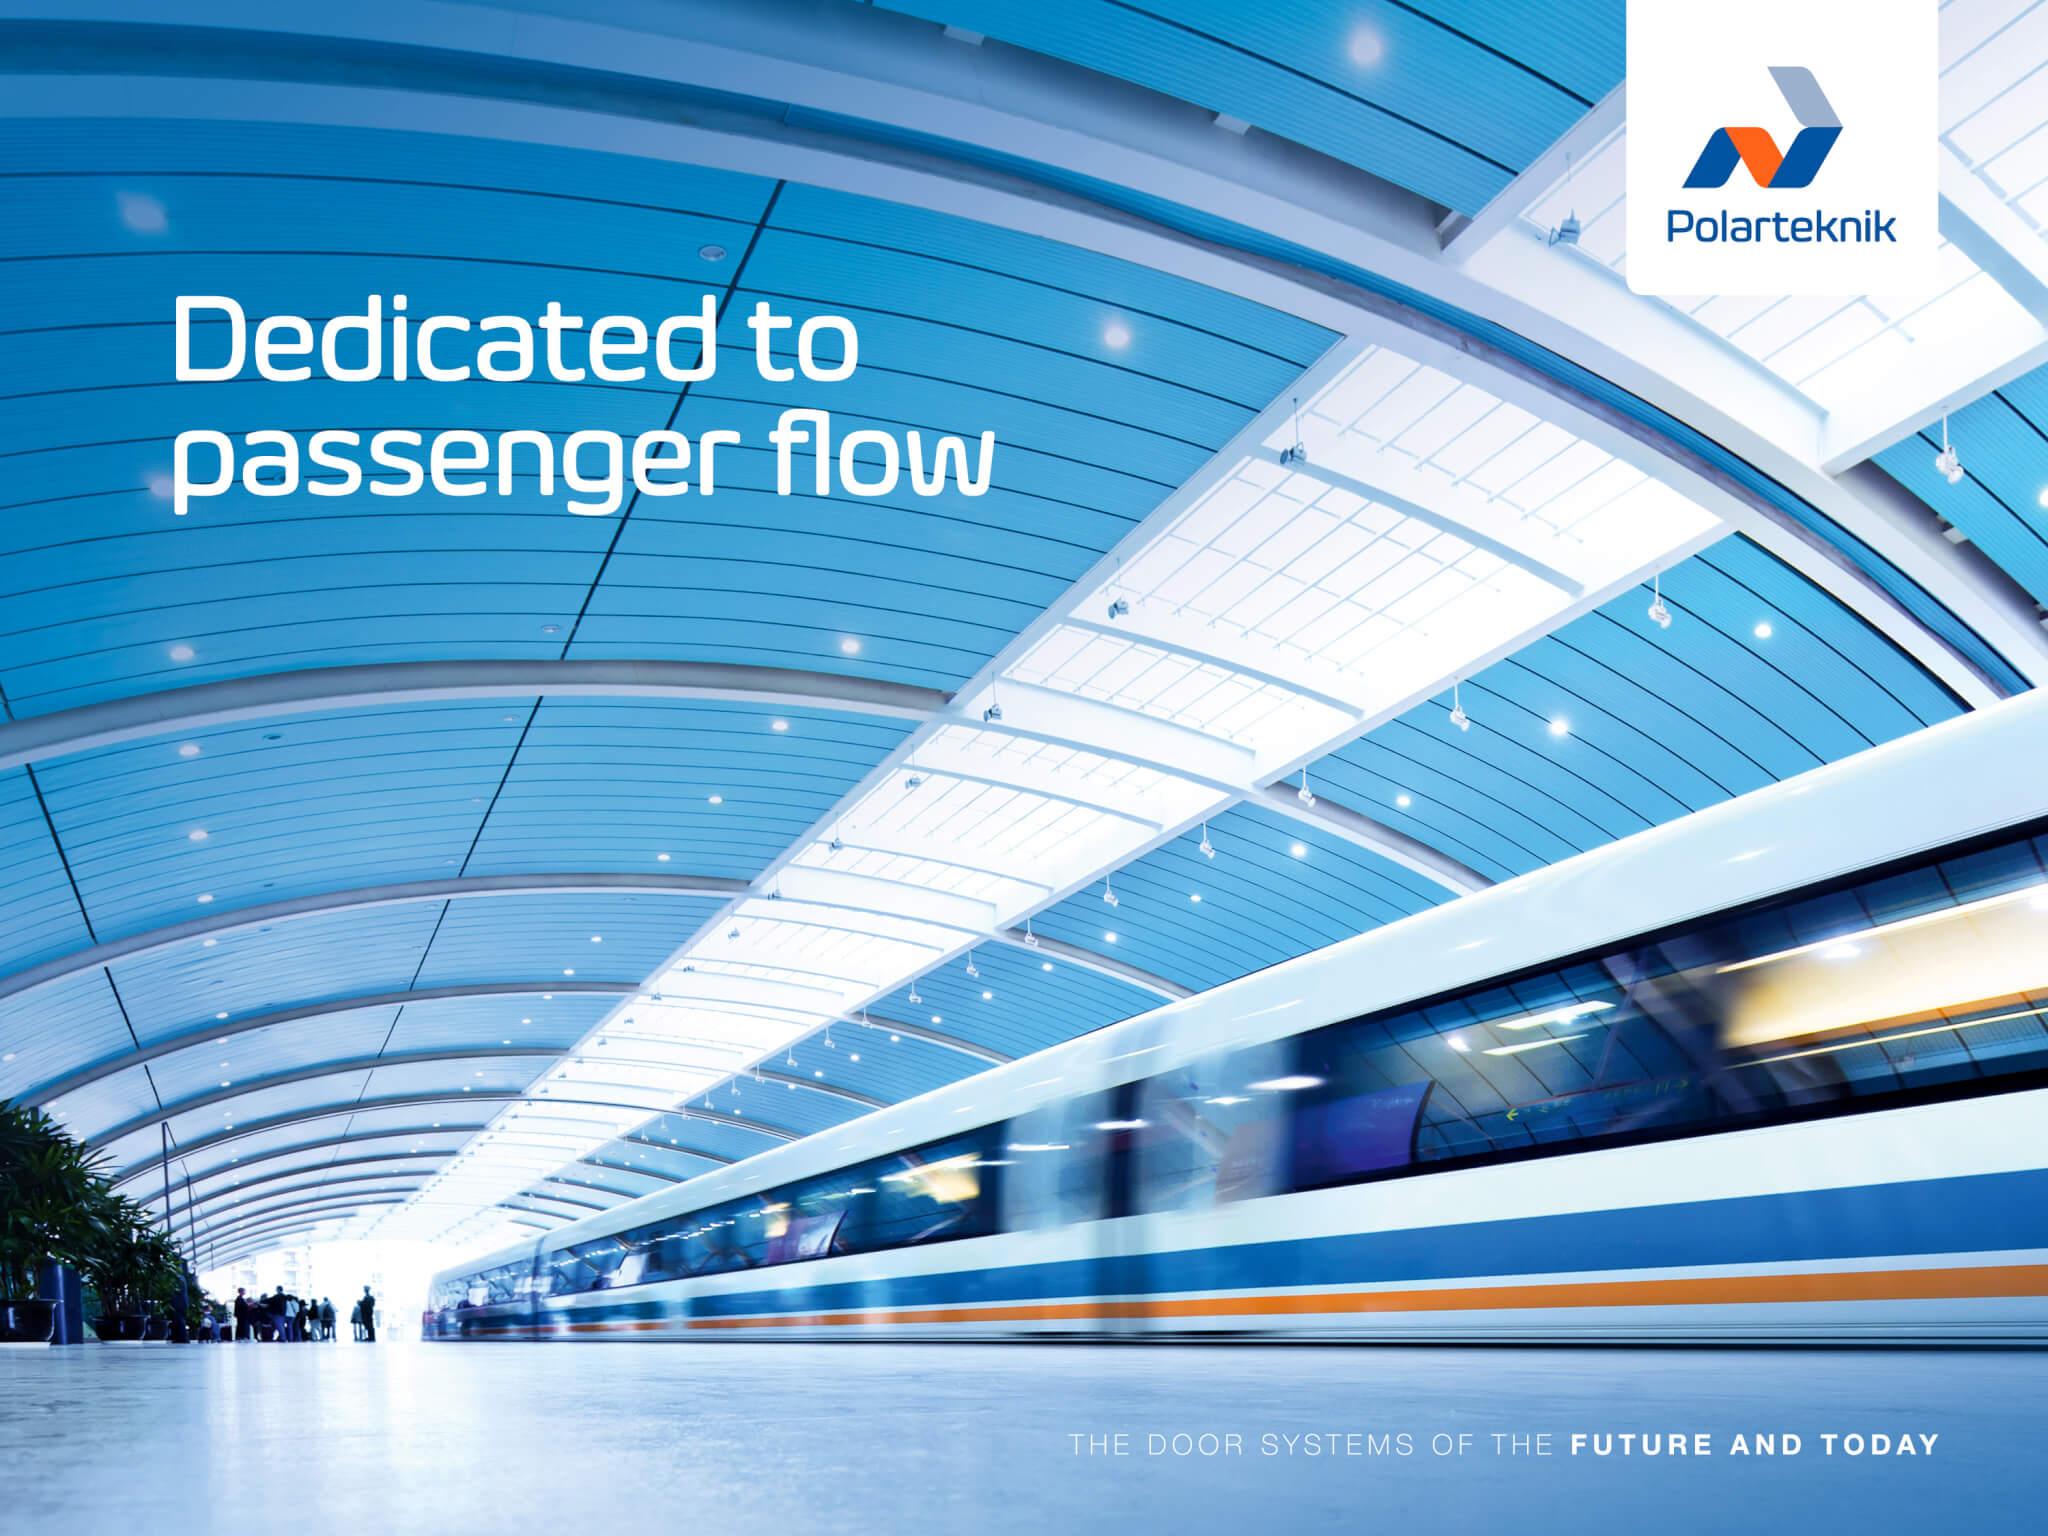 Polarteknik - Dedicated to passenger flow